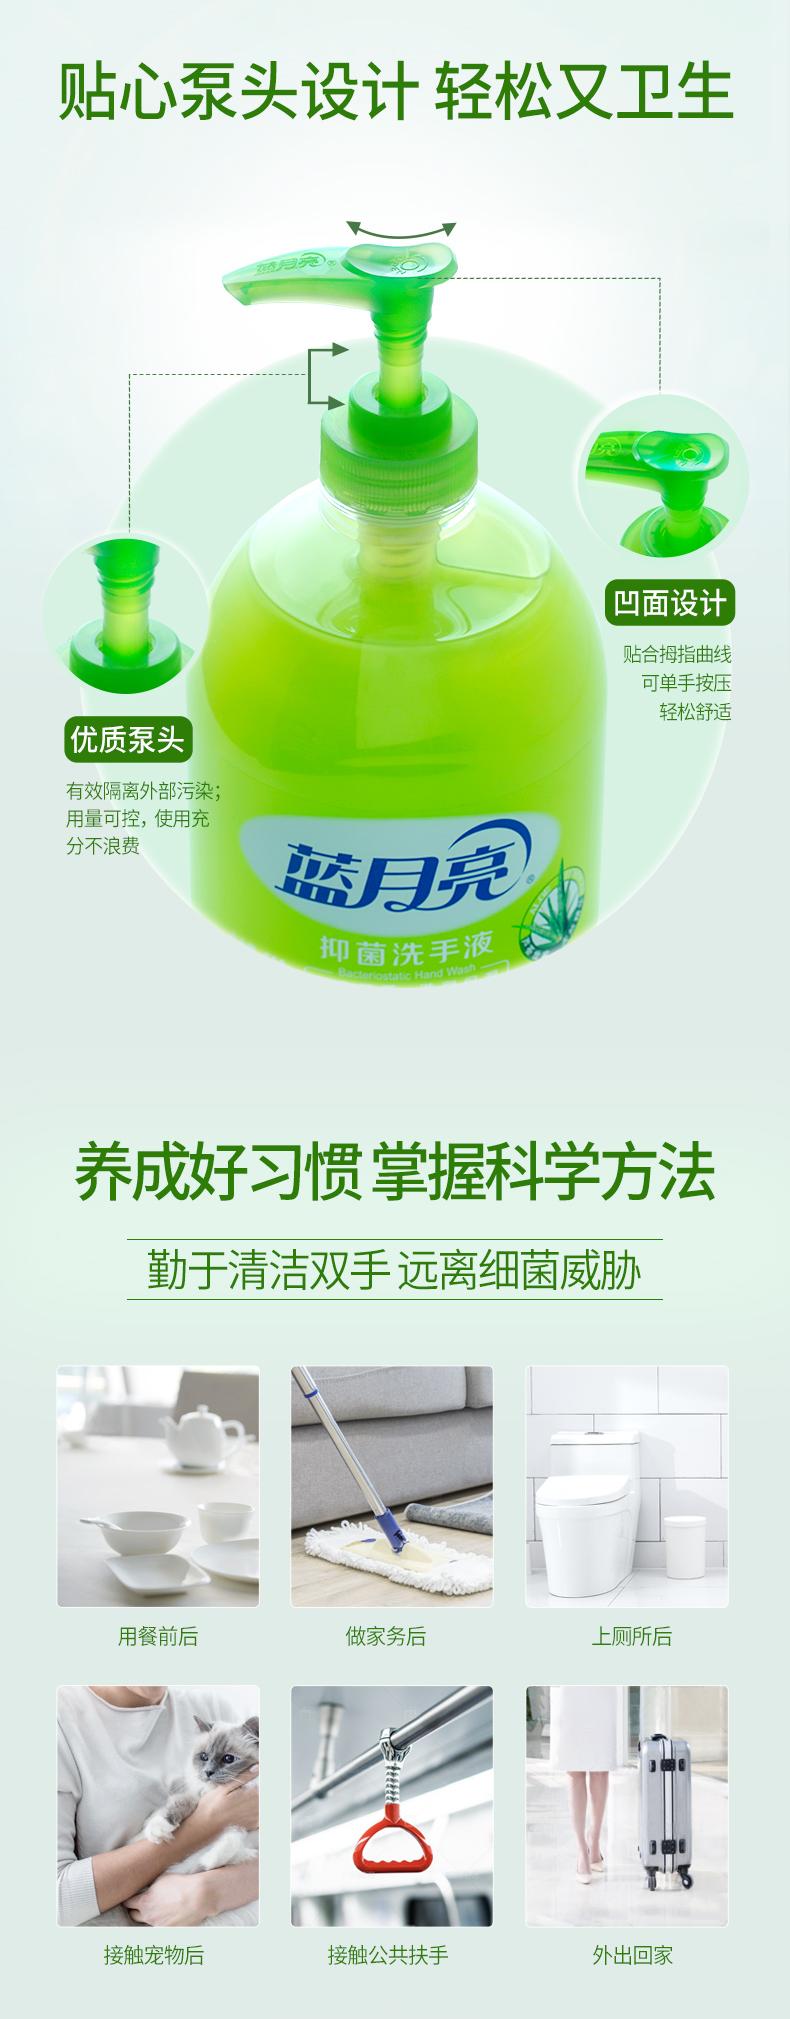 蓝月亮 芦荟味抑菌消毒洗手液 500g*6瓶 图5